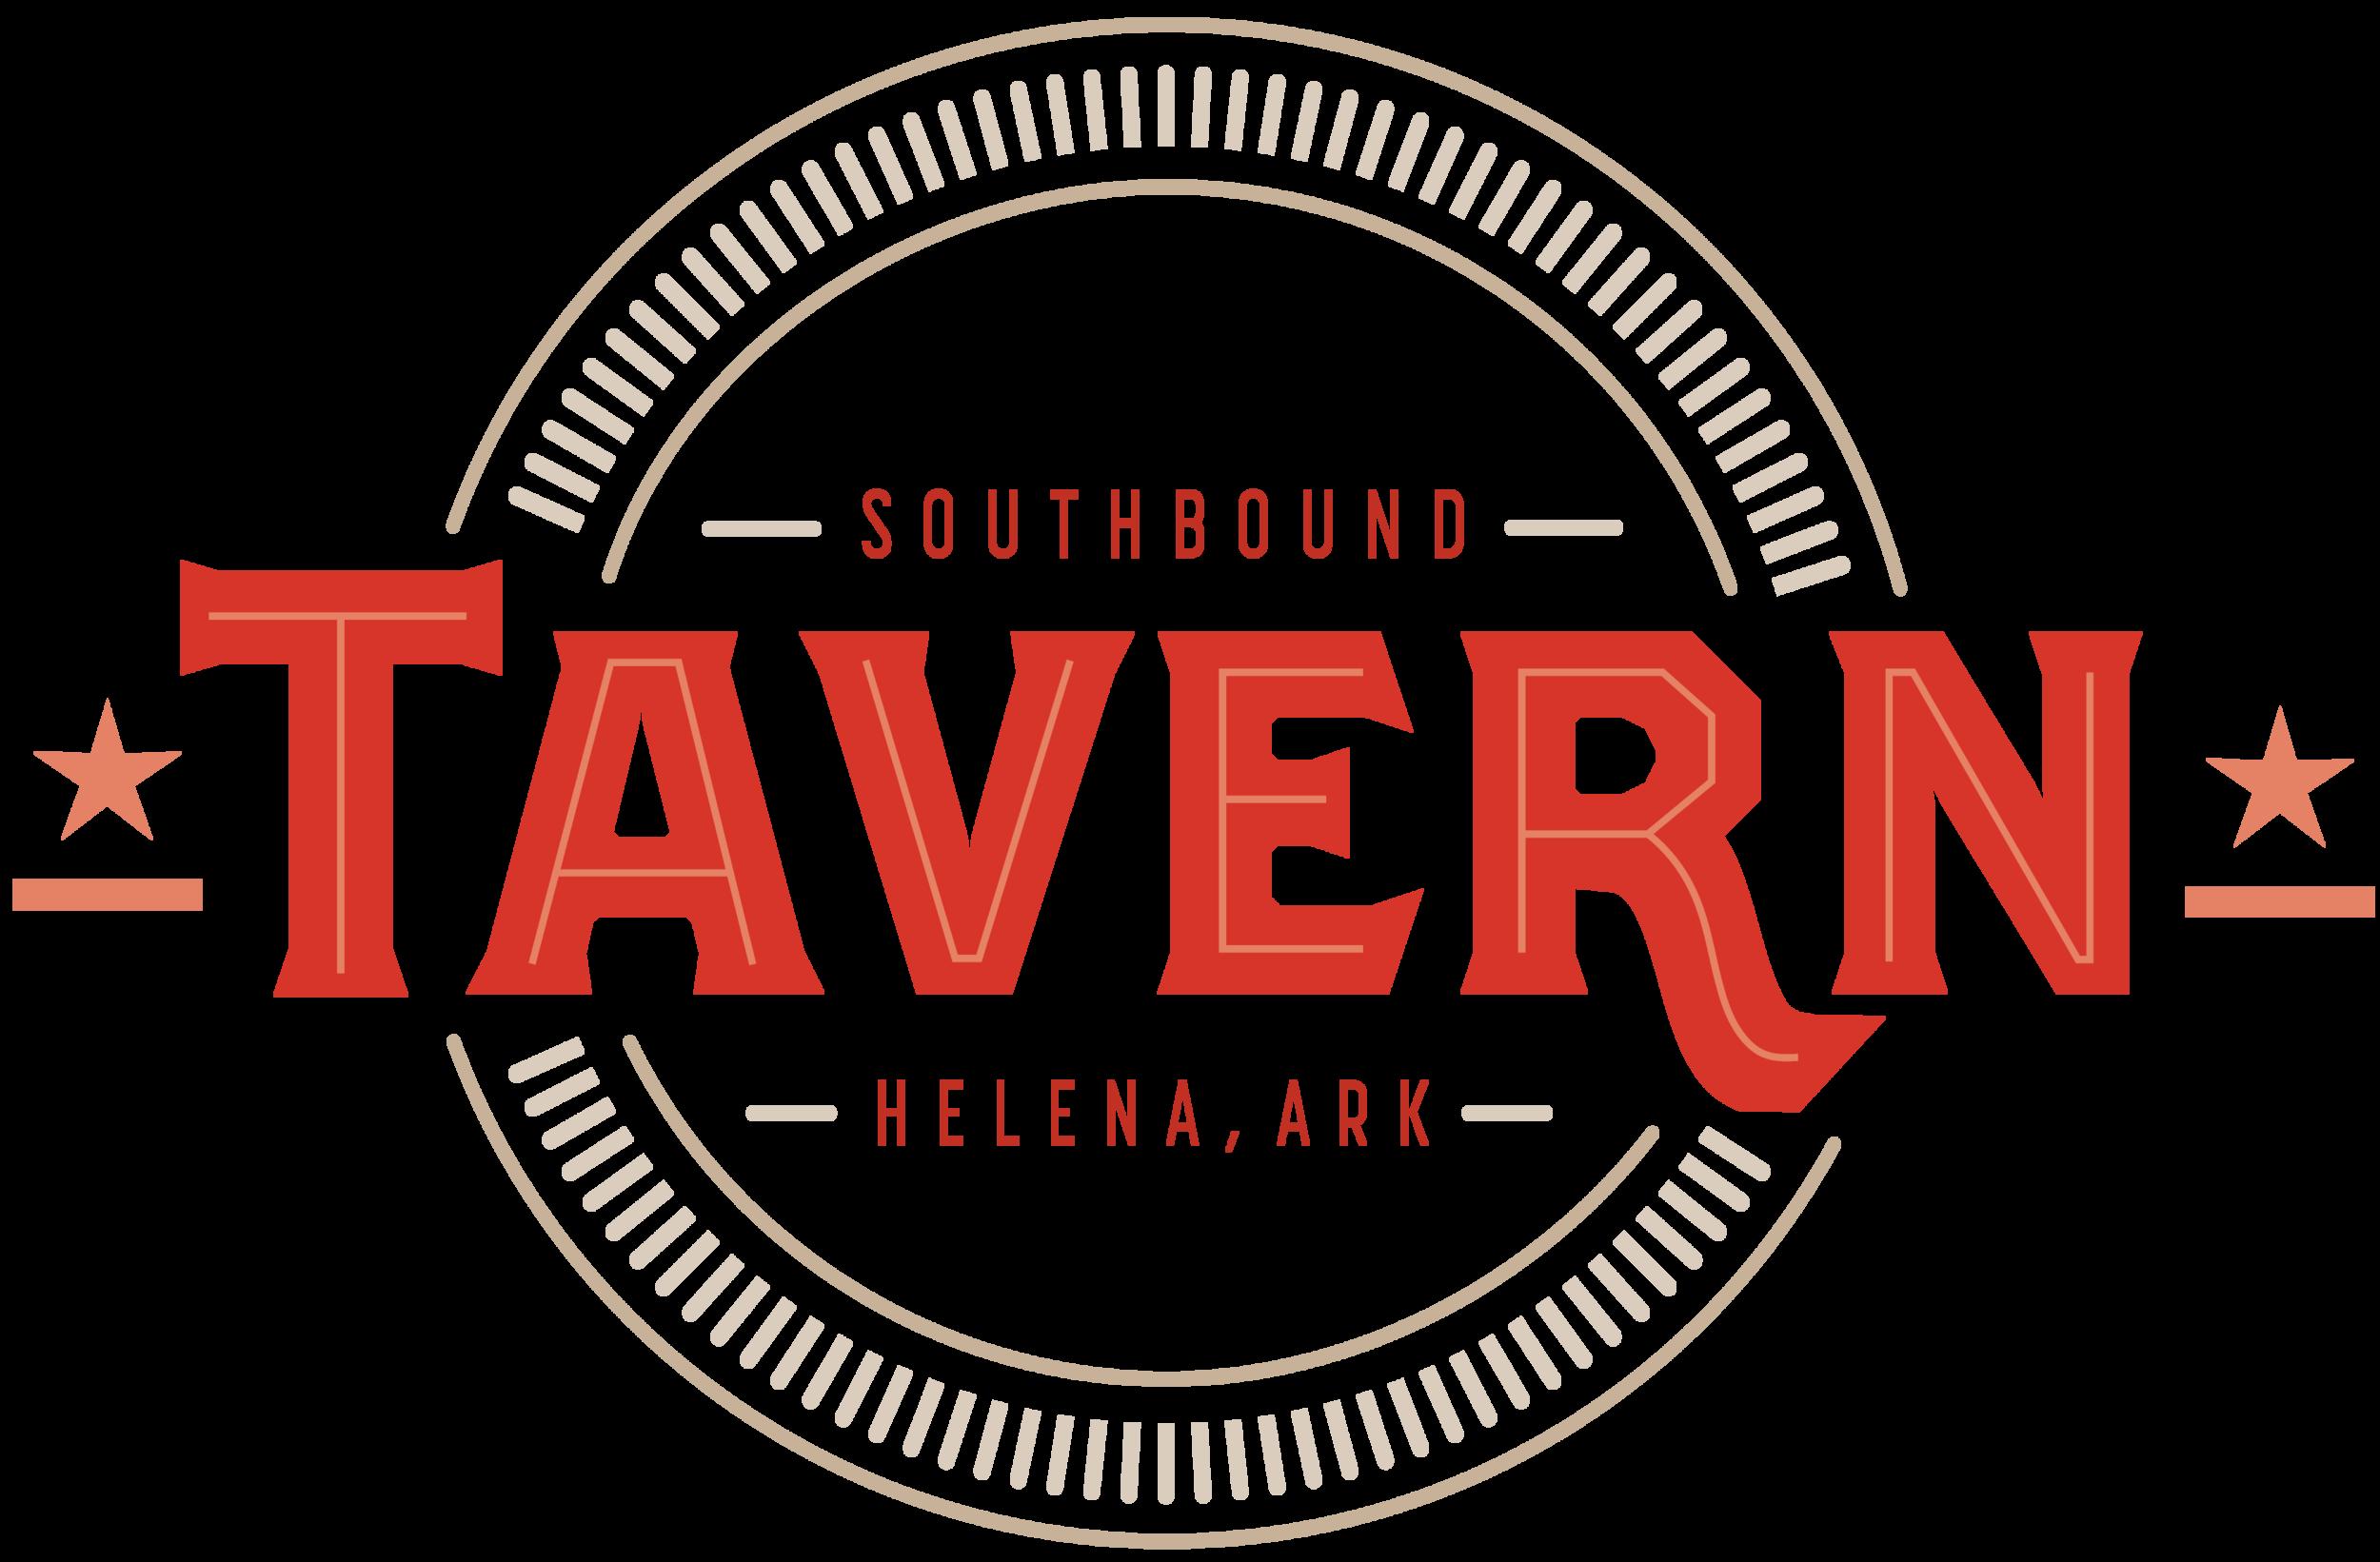 southboundtavern-logo-fullcolor-4000.png